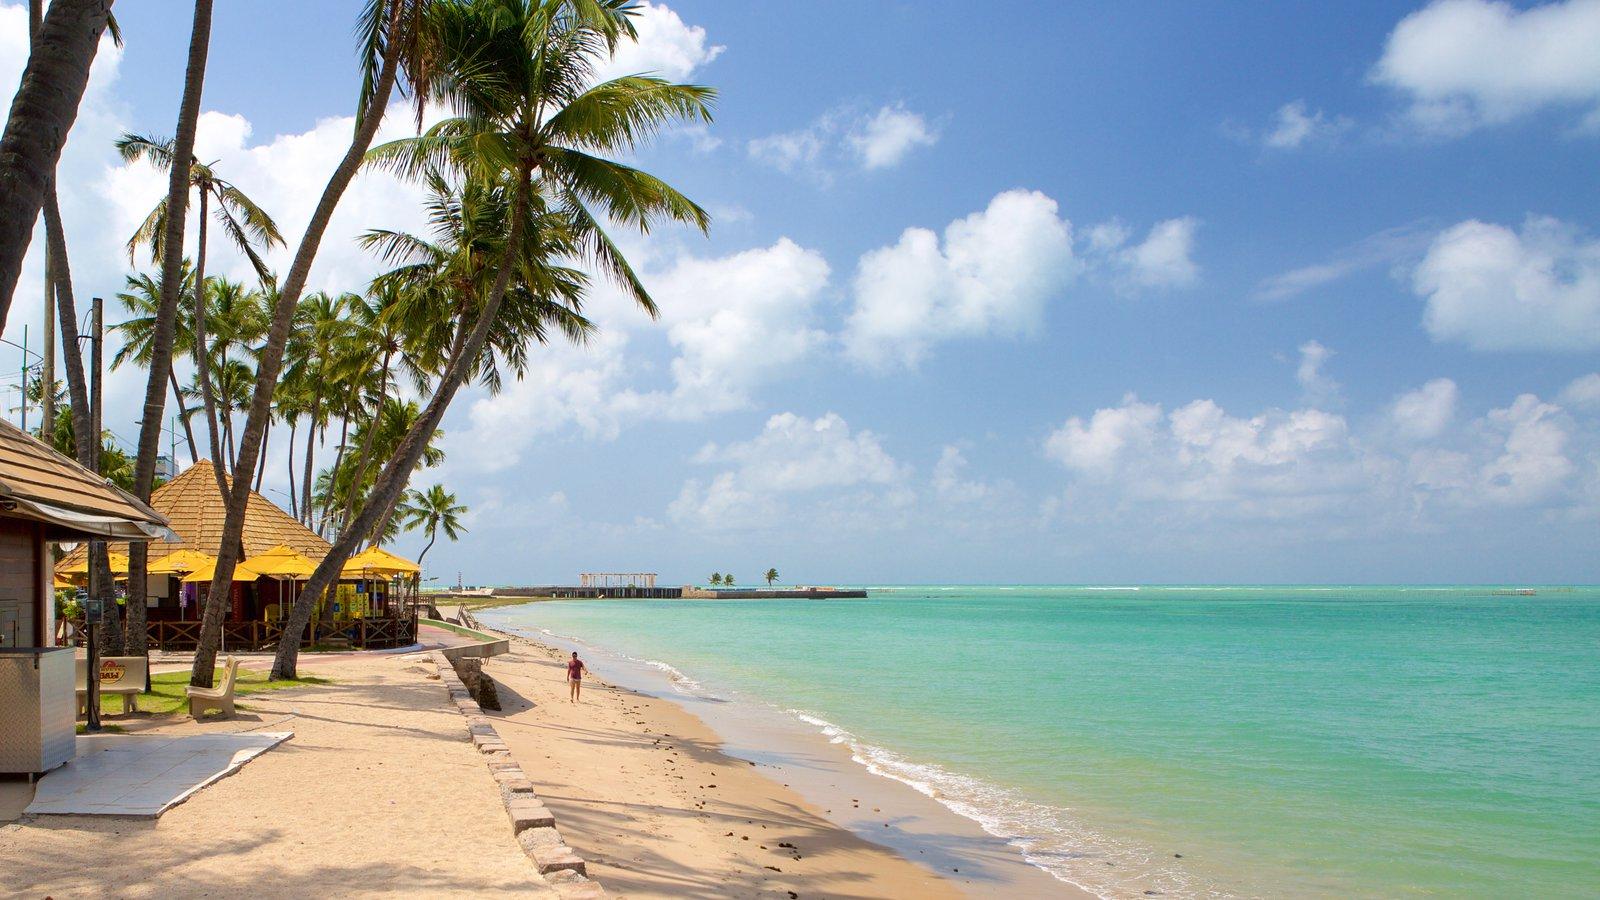 Praia de Ponta Verde que inclui cenas tropicais, uma praia e paisagens litorâneas